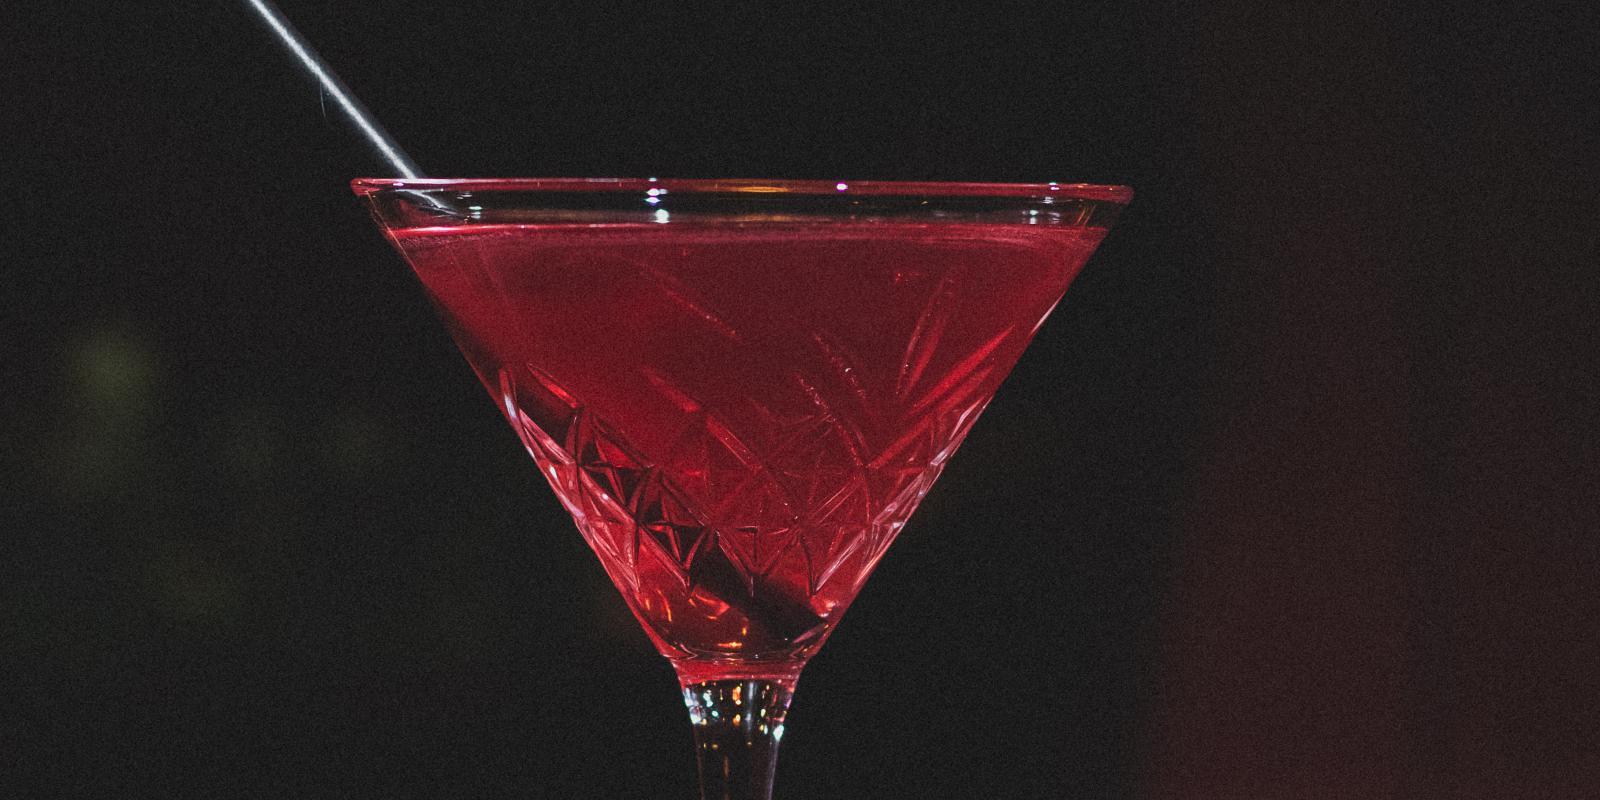 Image décrivant le produit Cosmo qui fait partie des Cocktails